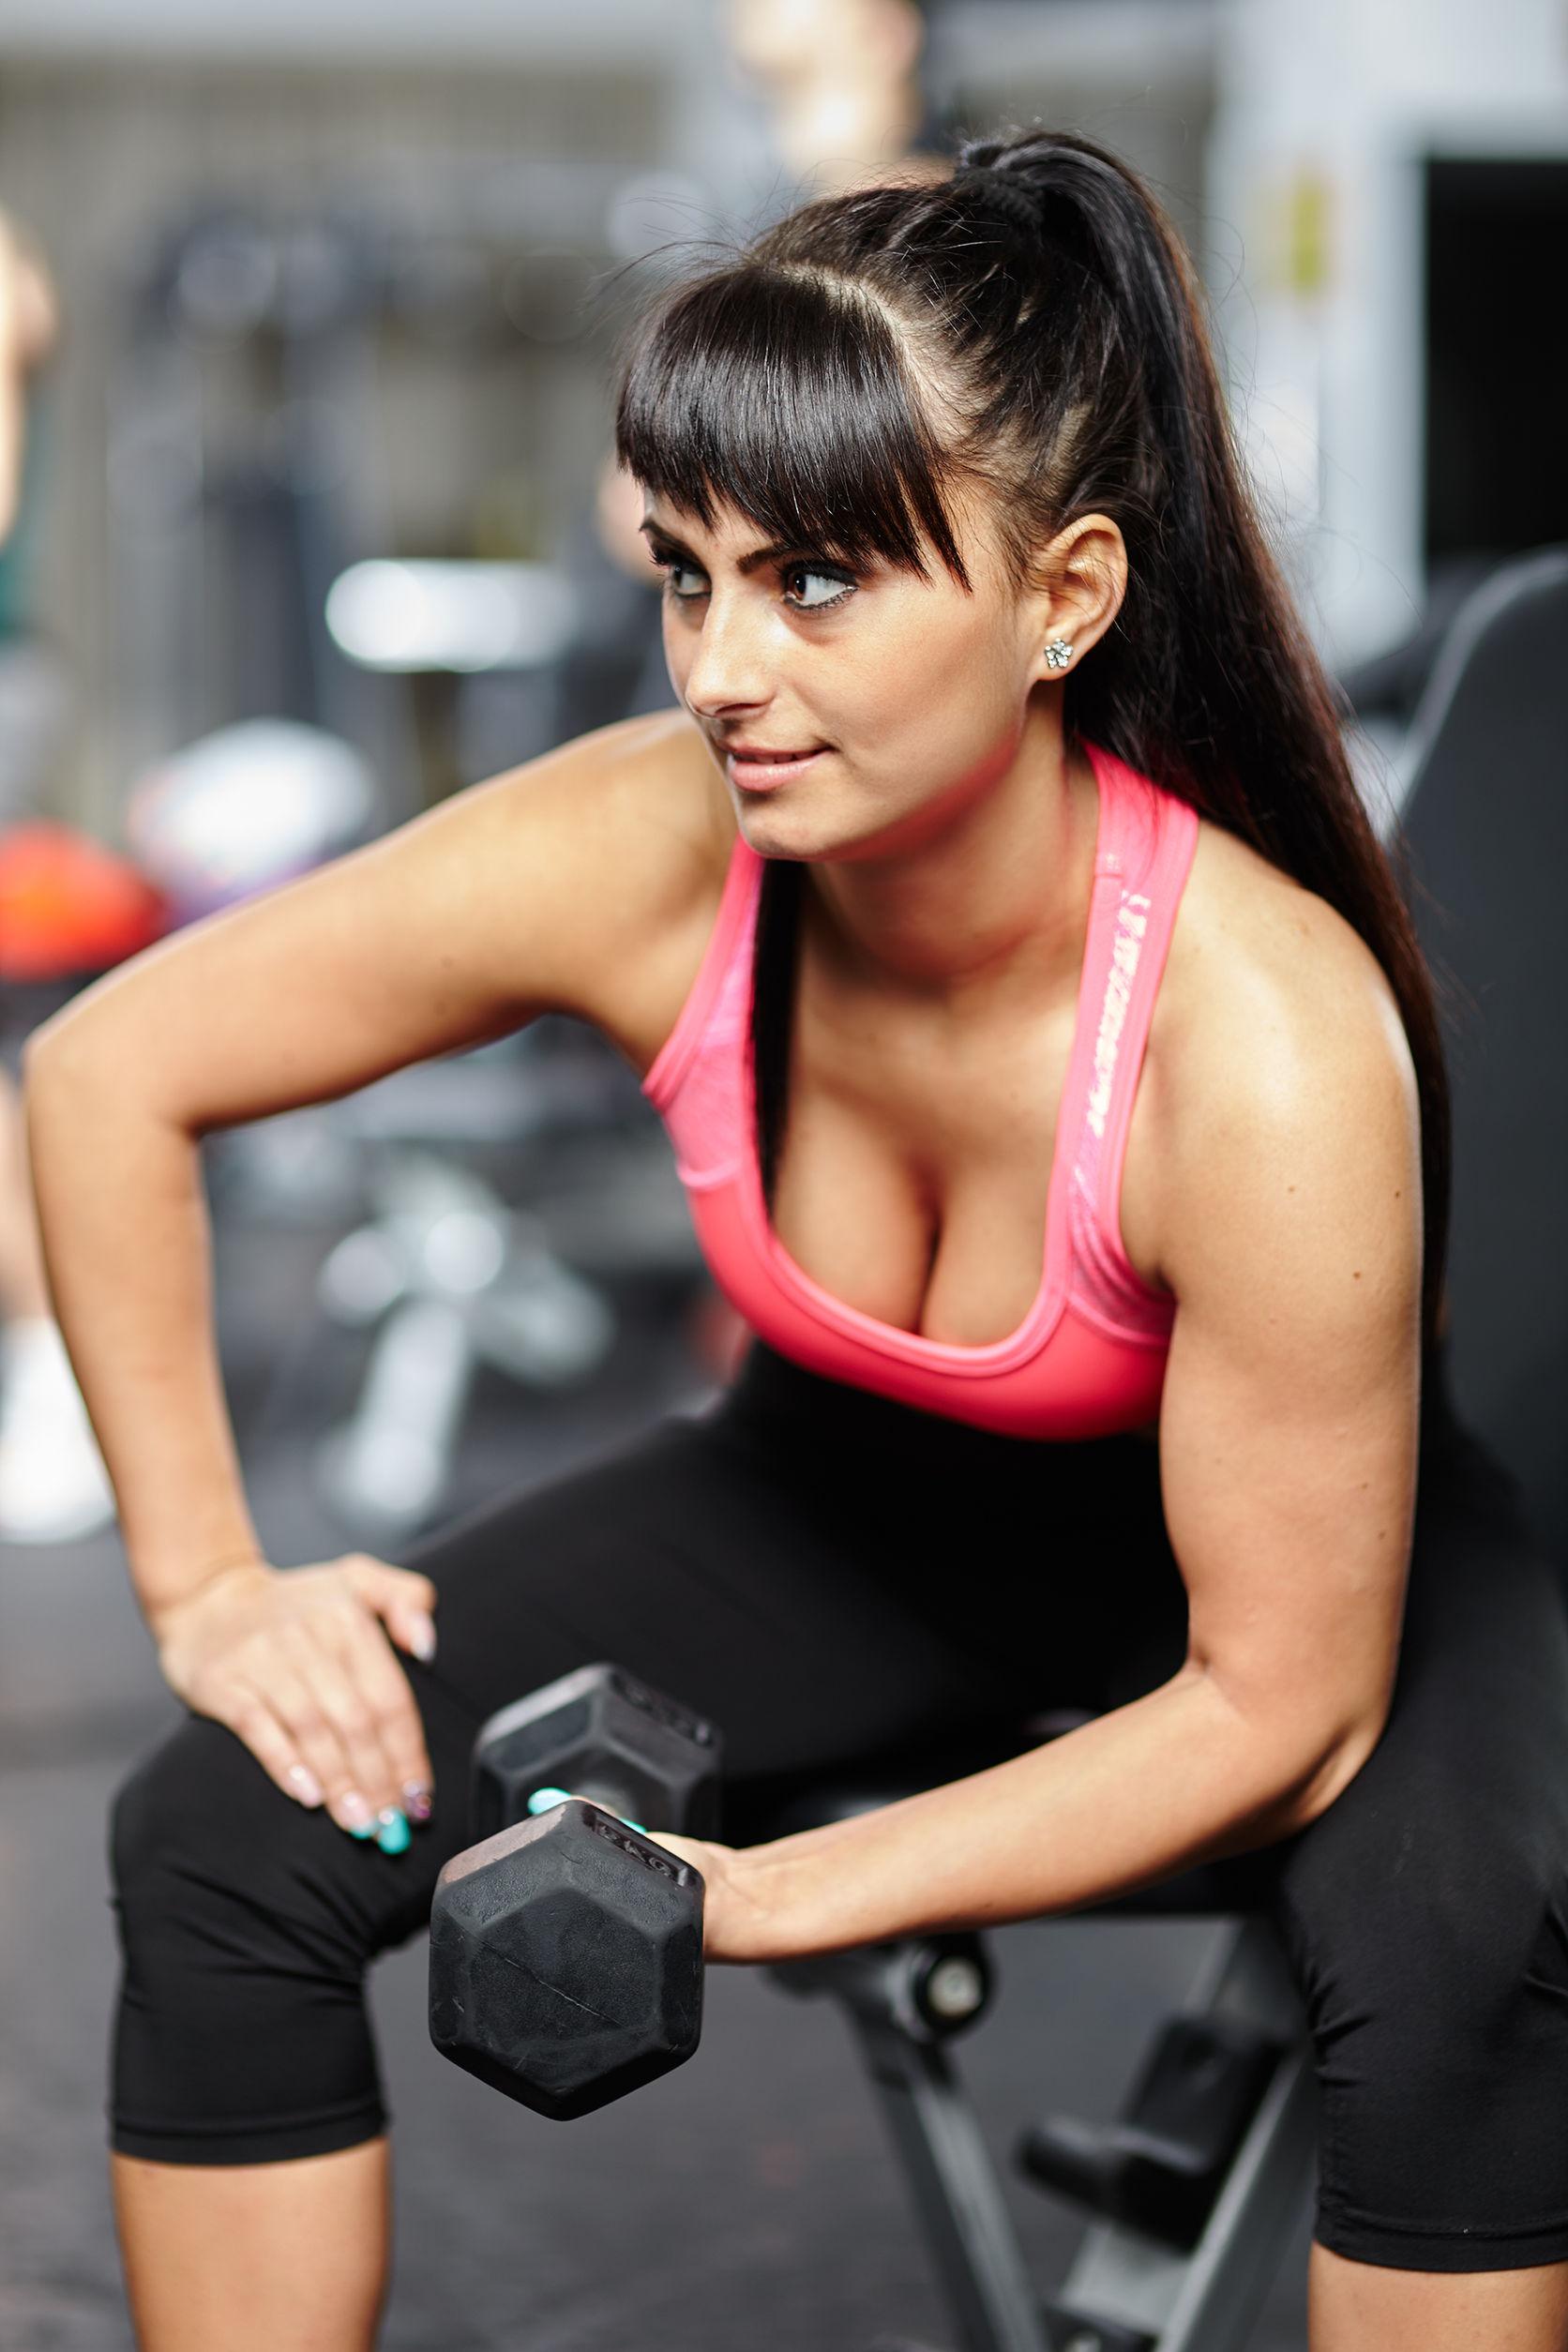 Kurz instruktor fitness - pro budoucí profesionální trenéry v posilovnách i wellness centrech